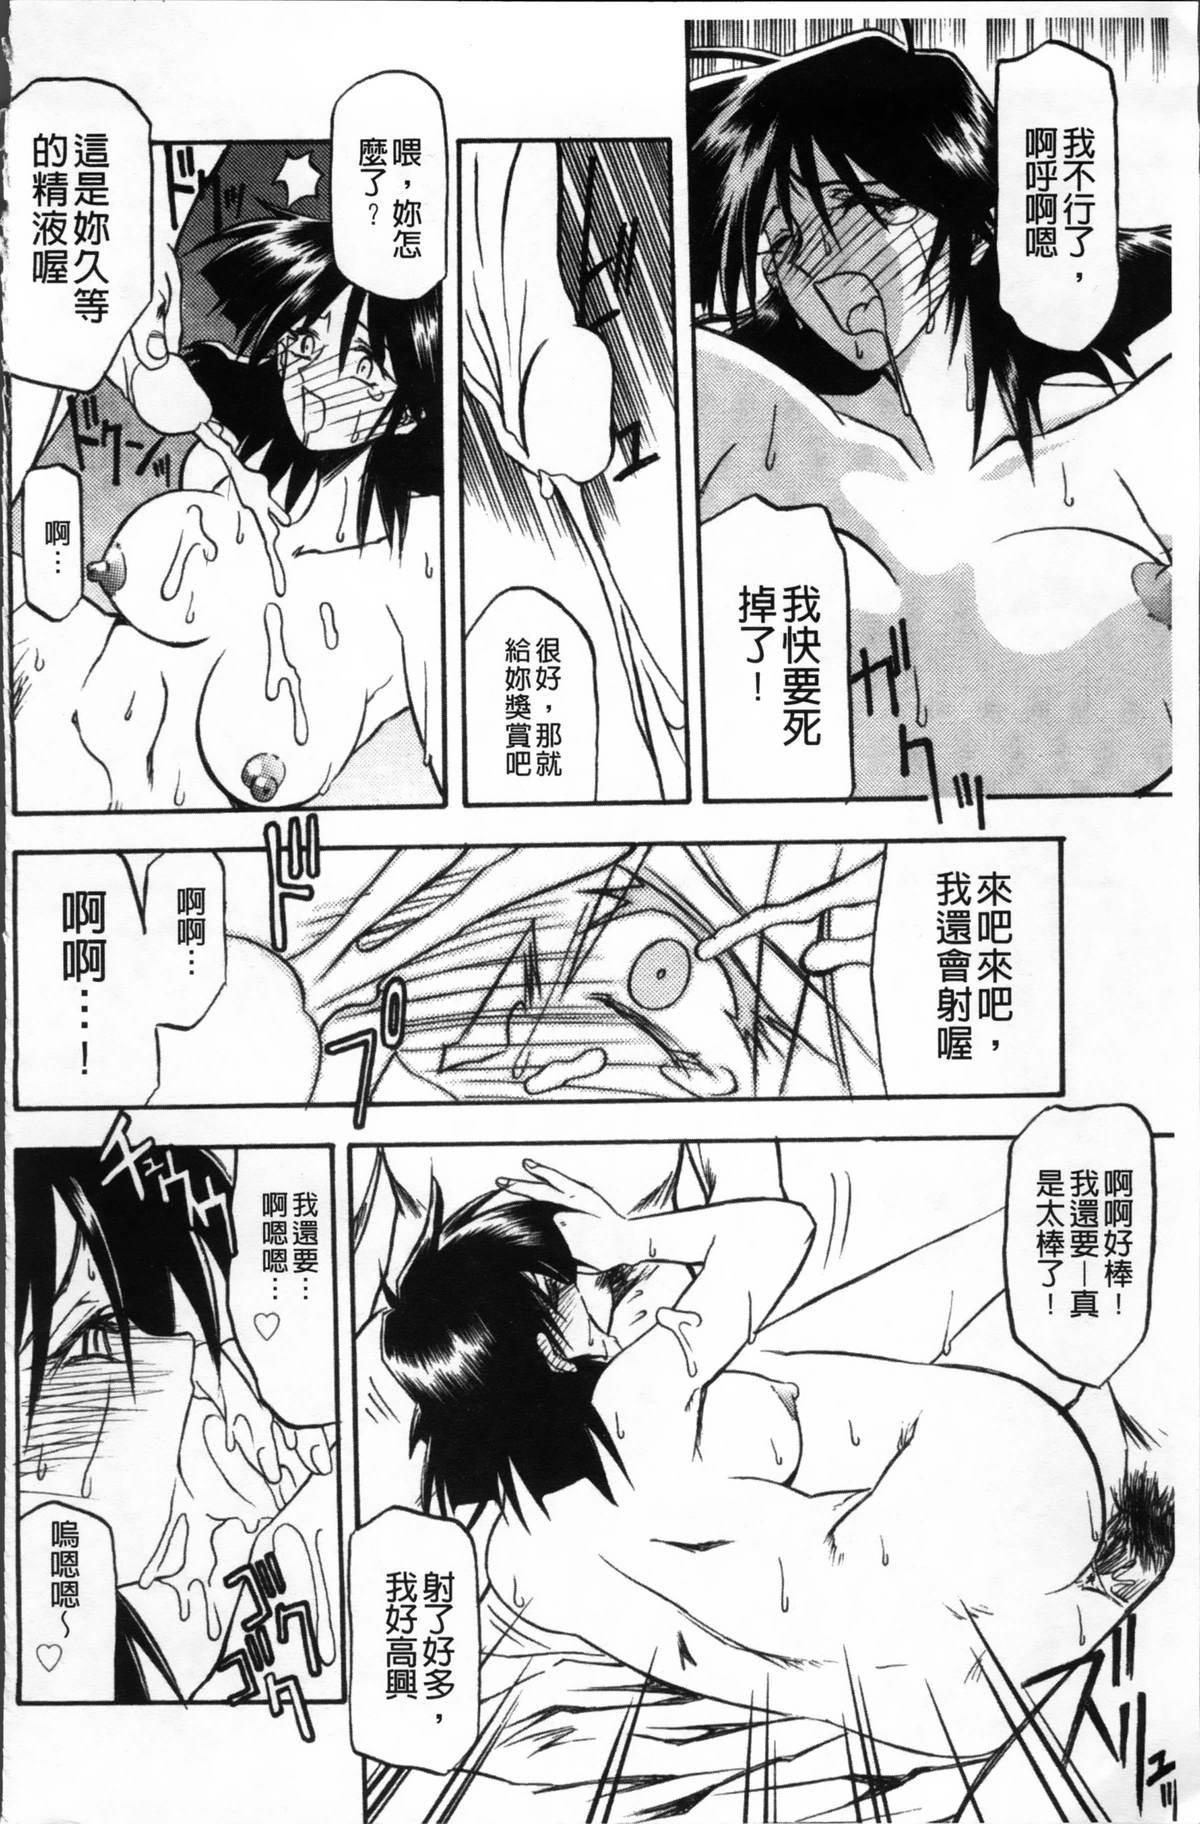 Hiiro no Koku Kanzenban   緋色之刻 完全版 161